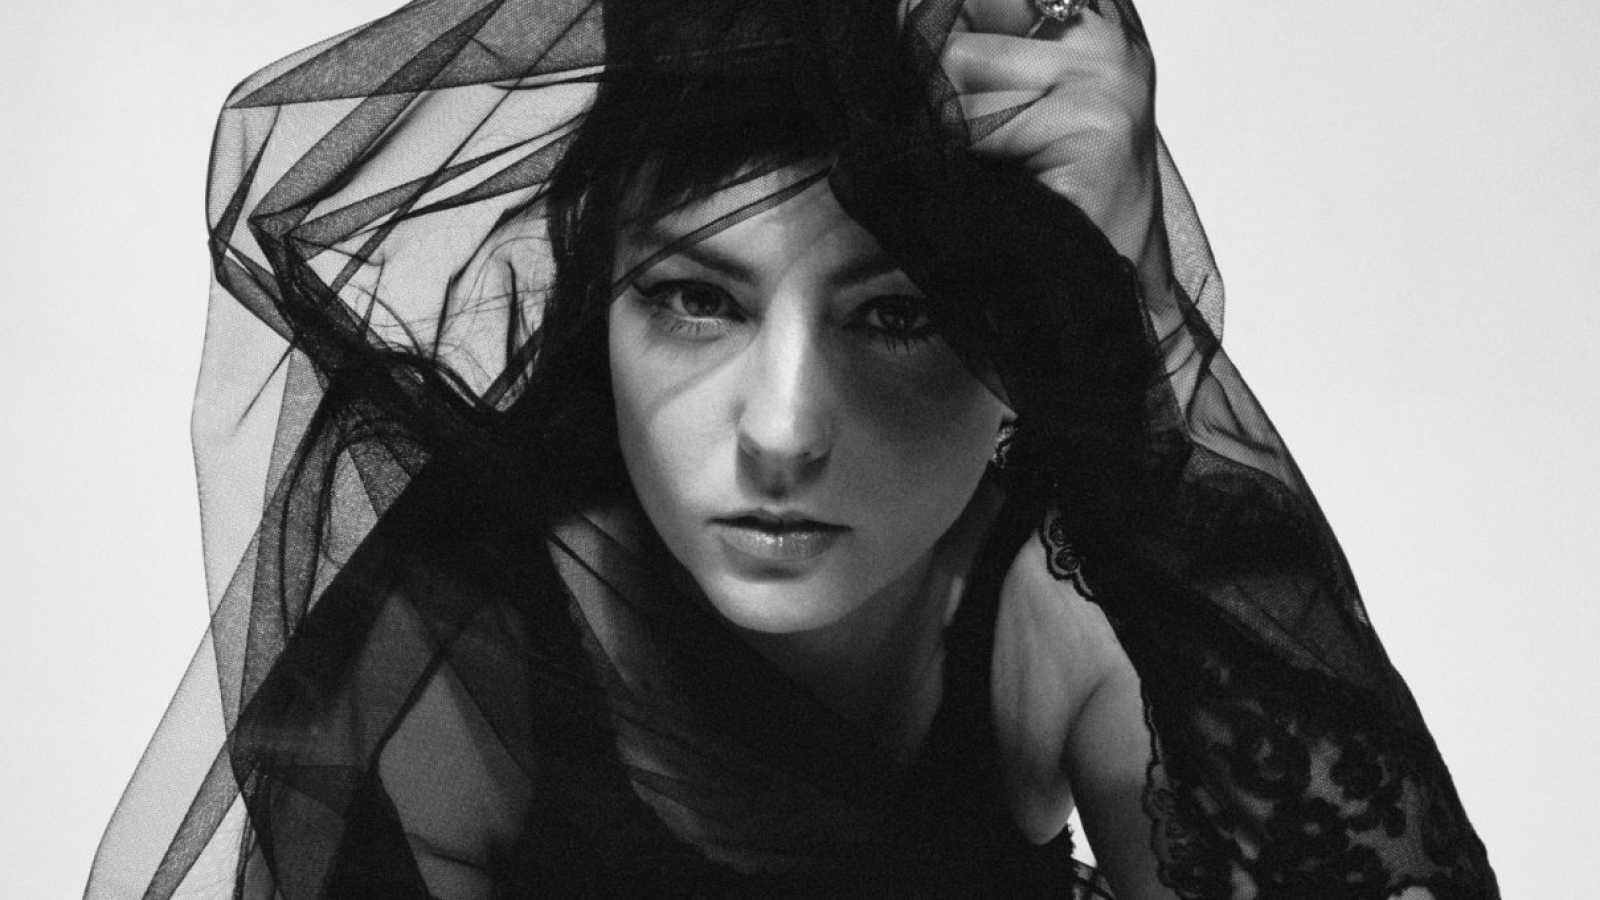 Retromanía - Las influencias de... Angel Olsen - 04/11/19 - escuchar ahora